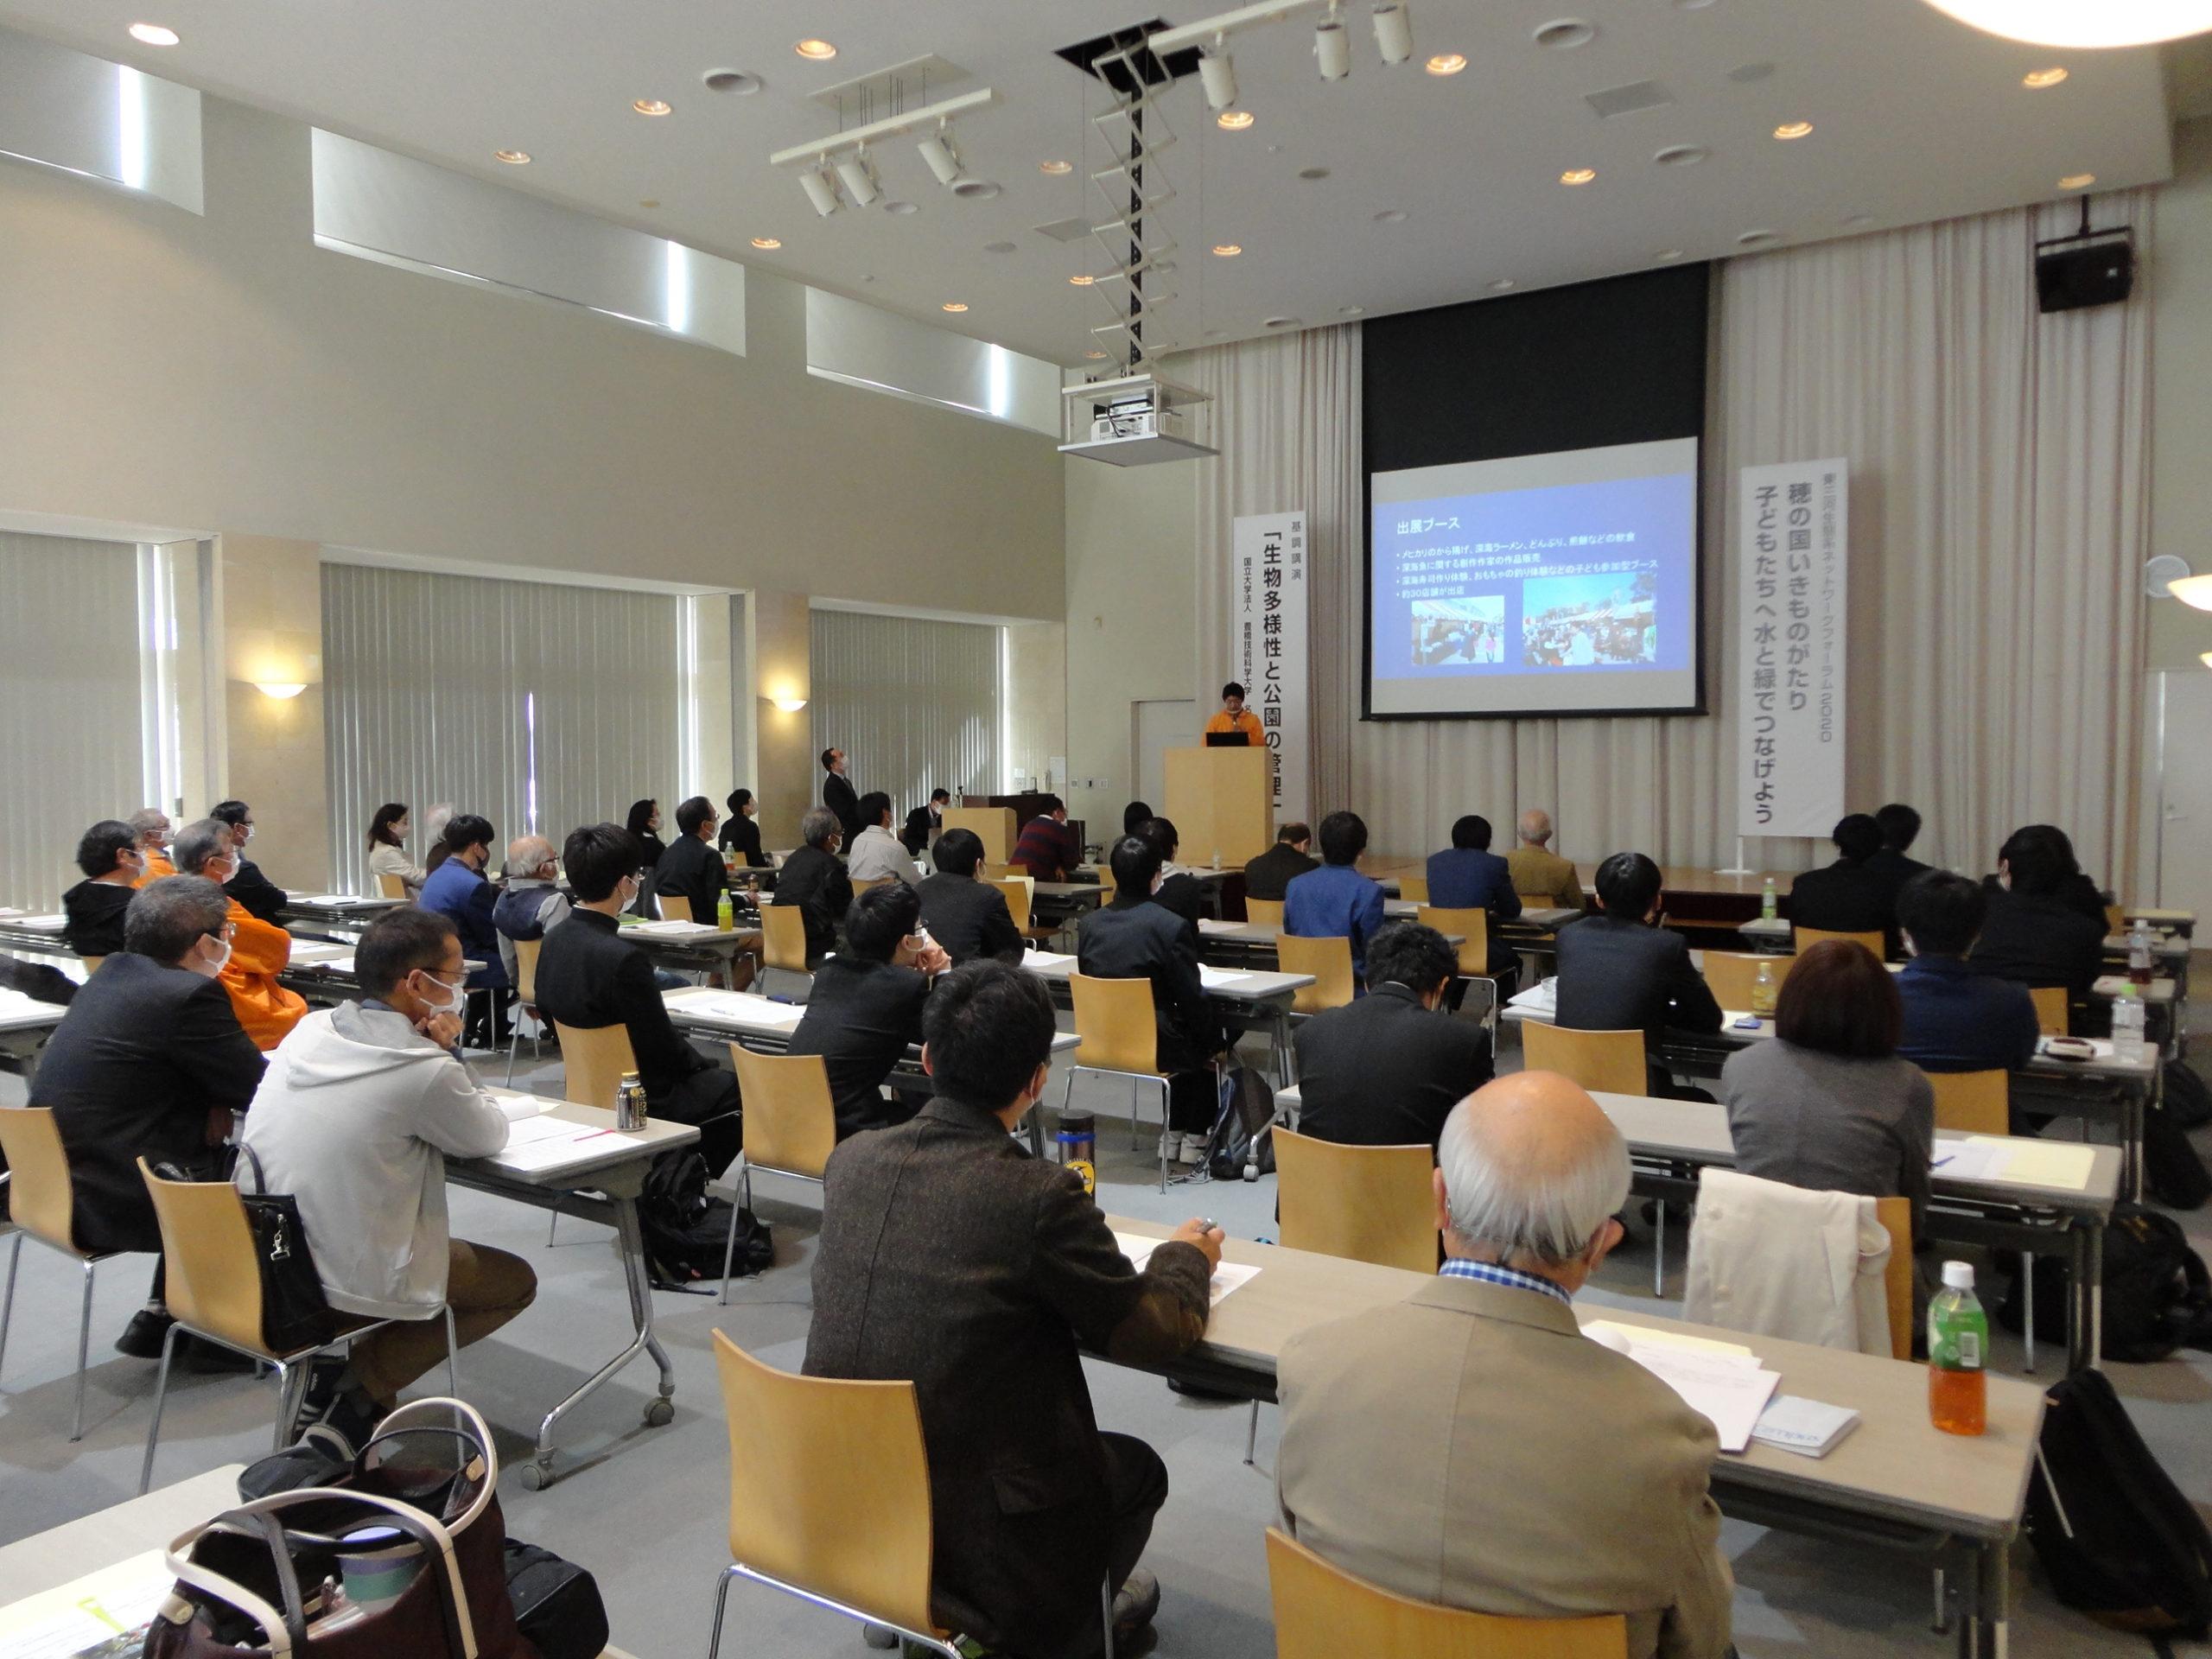 2020.11.14 東三河生態系ネットワークフォーラム2020③